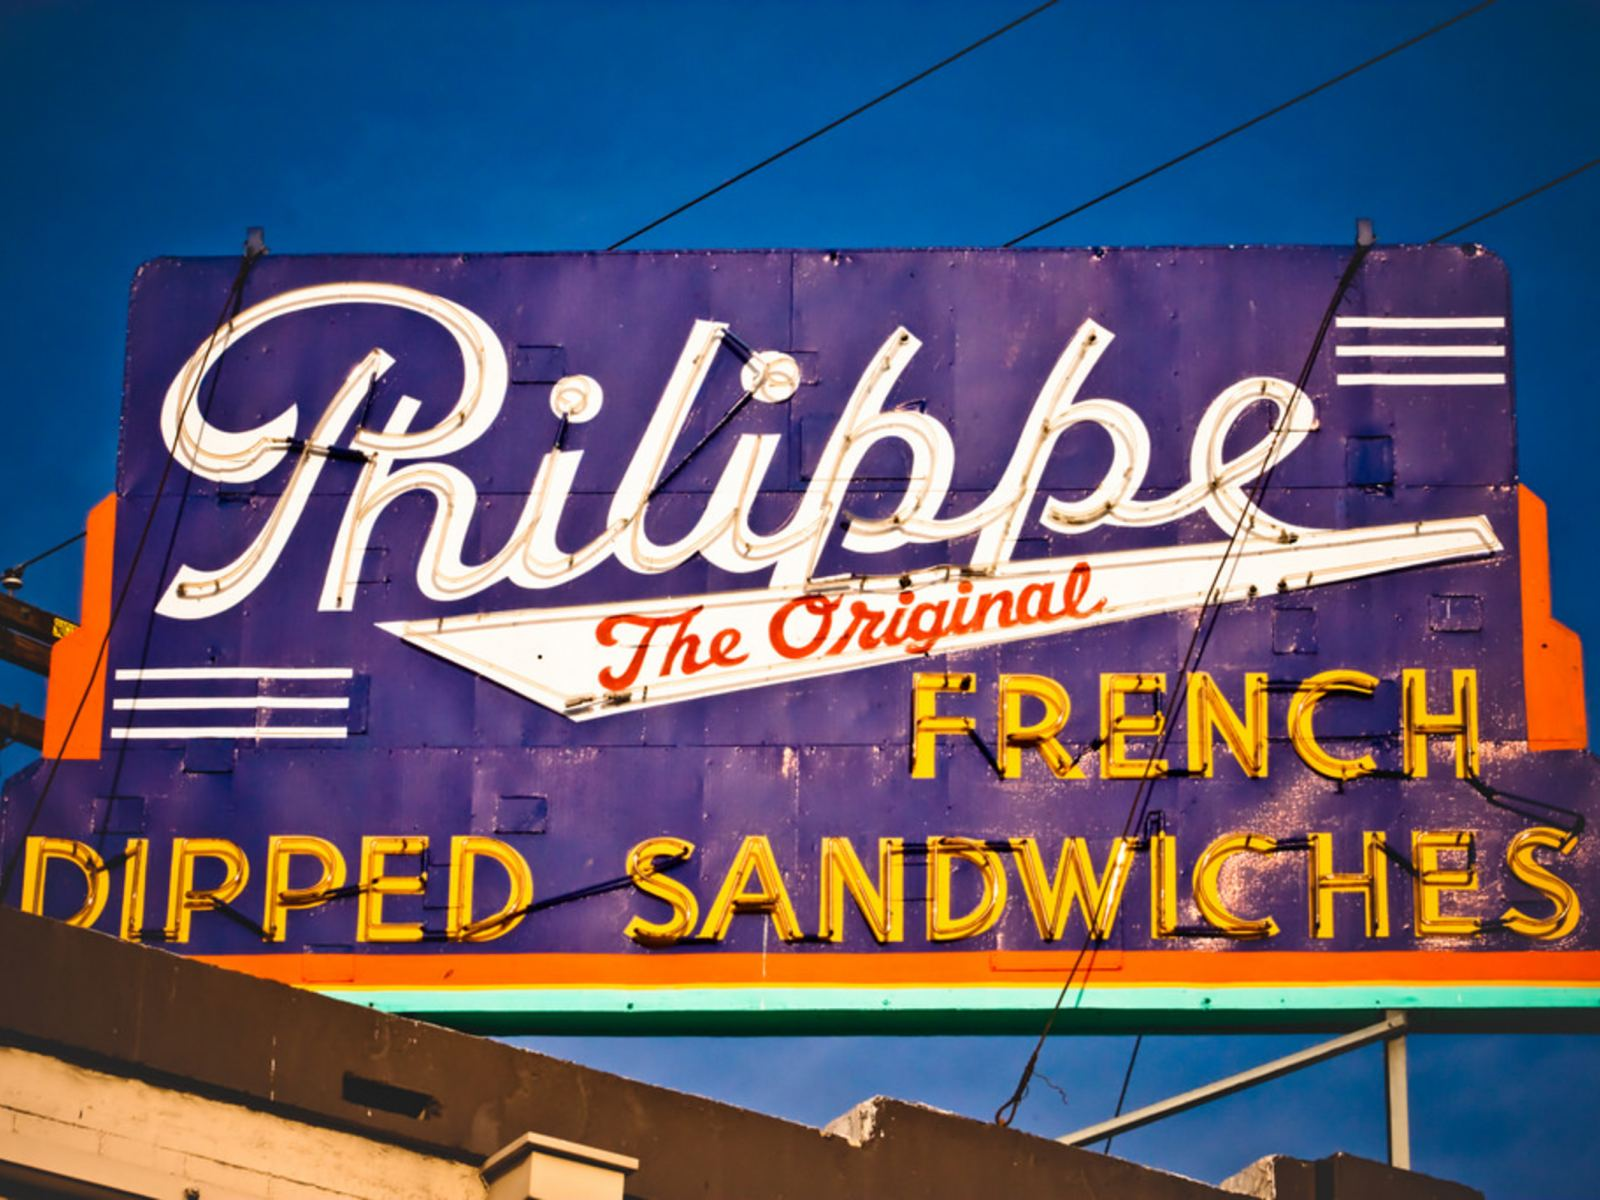 Philippe the Original